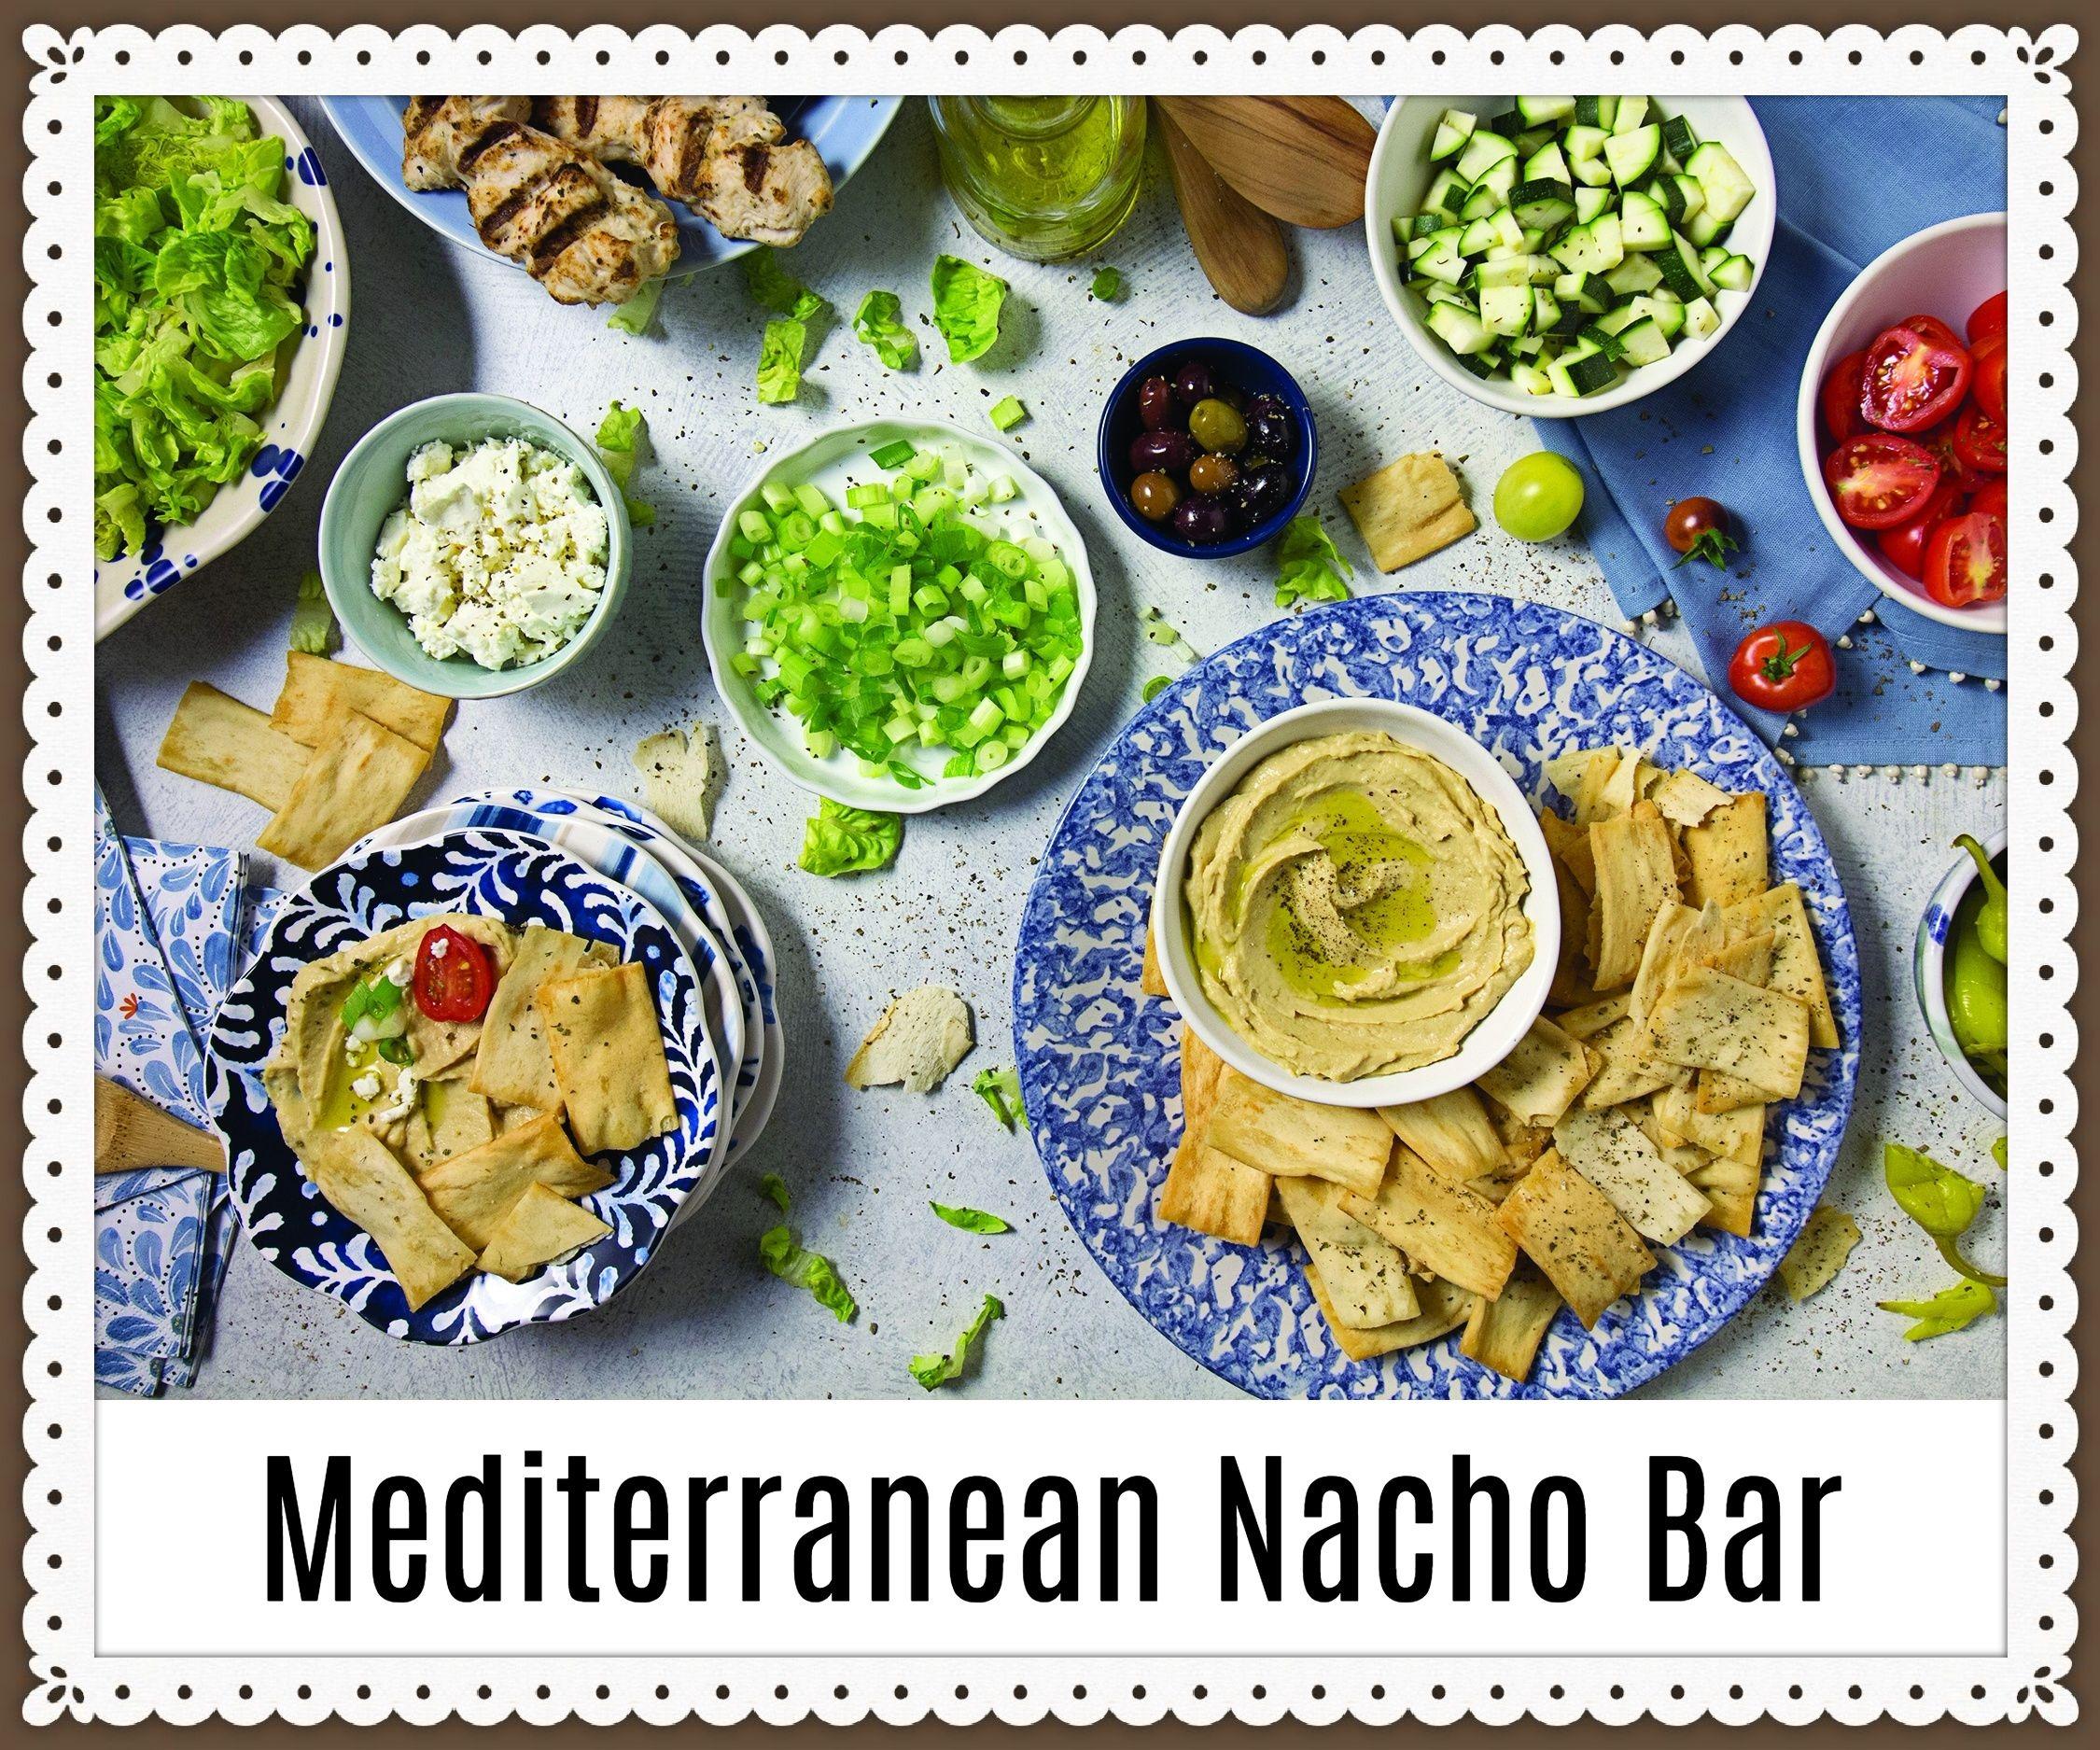 Tasty Cooking: Mediterranean Nacho Bar